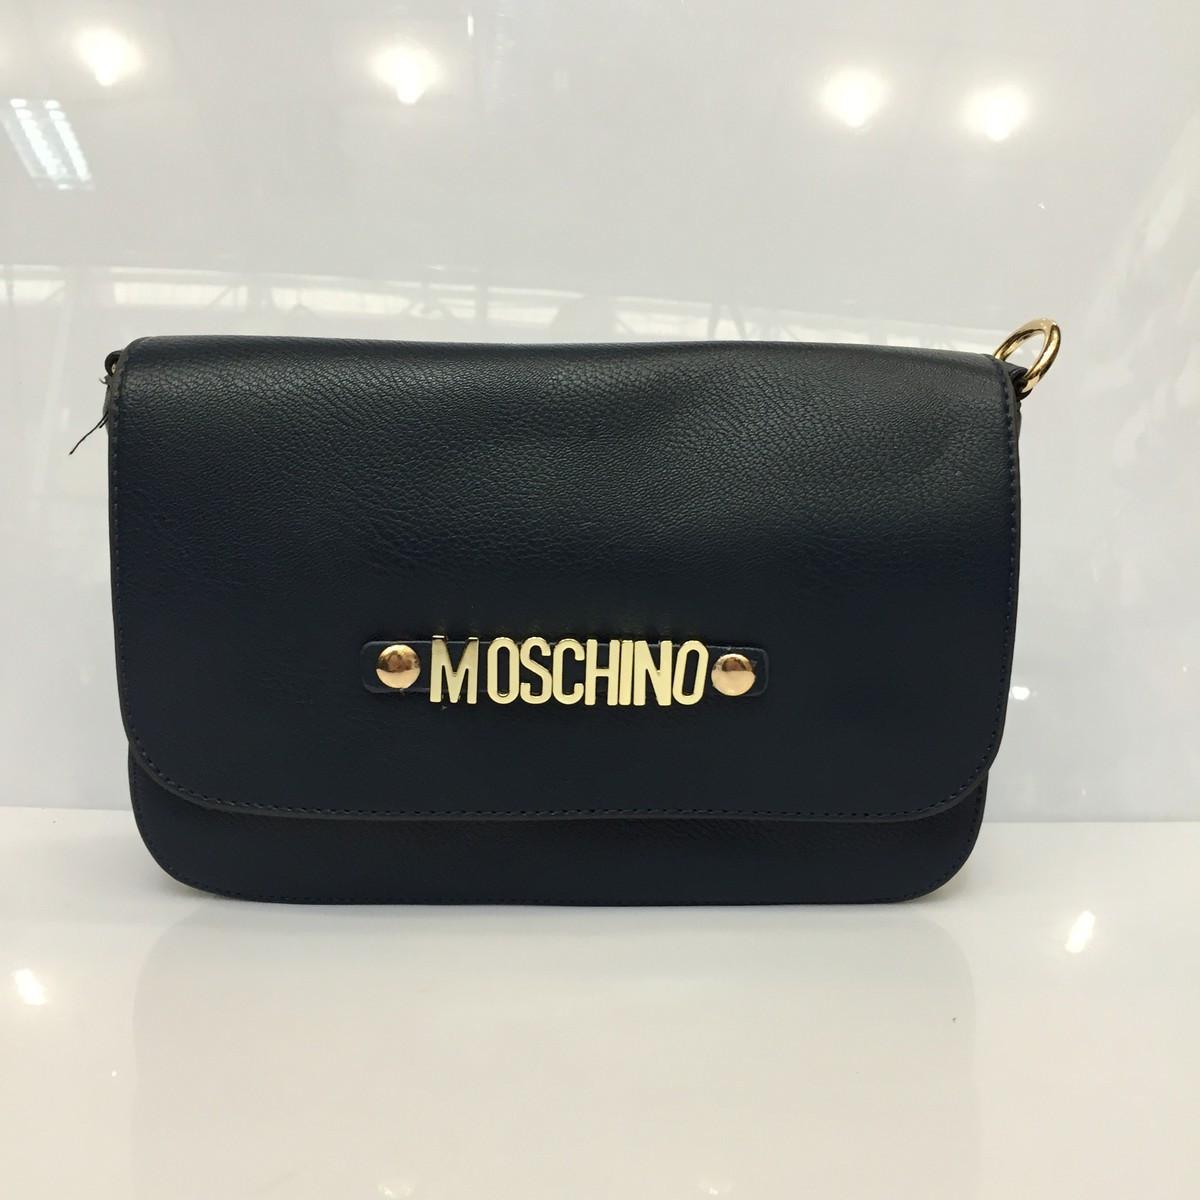 f09e17c12979 Женская сумка клатч Moschino 435 черная копия недорого. Цена со склада.